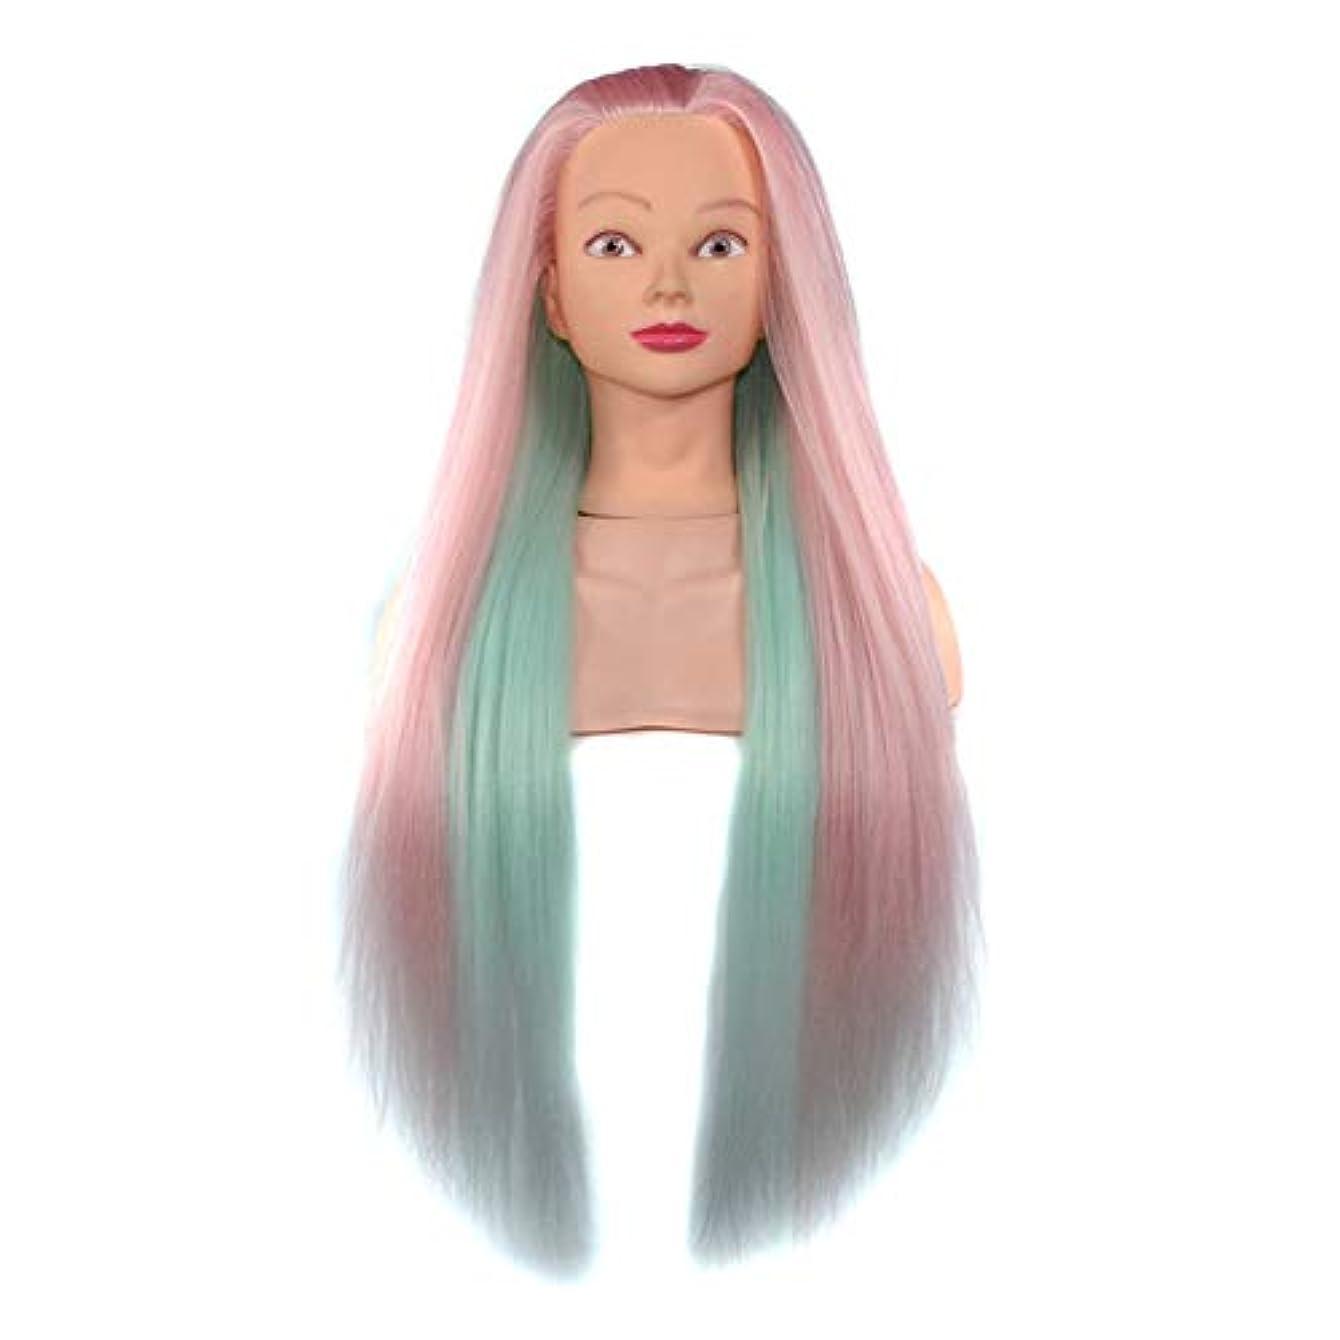 援助散歩排気ヘアスタイリング練習ディスクヘア学習ヘッドモデル美容院高温ワイヤートレーニングヘッドマネキン人形ヘッド